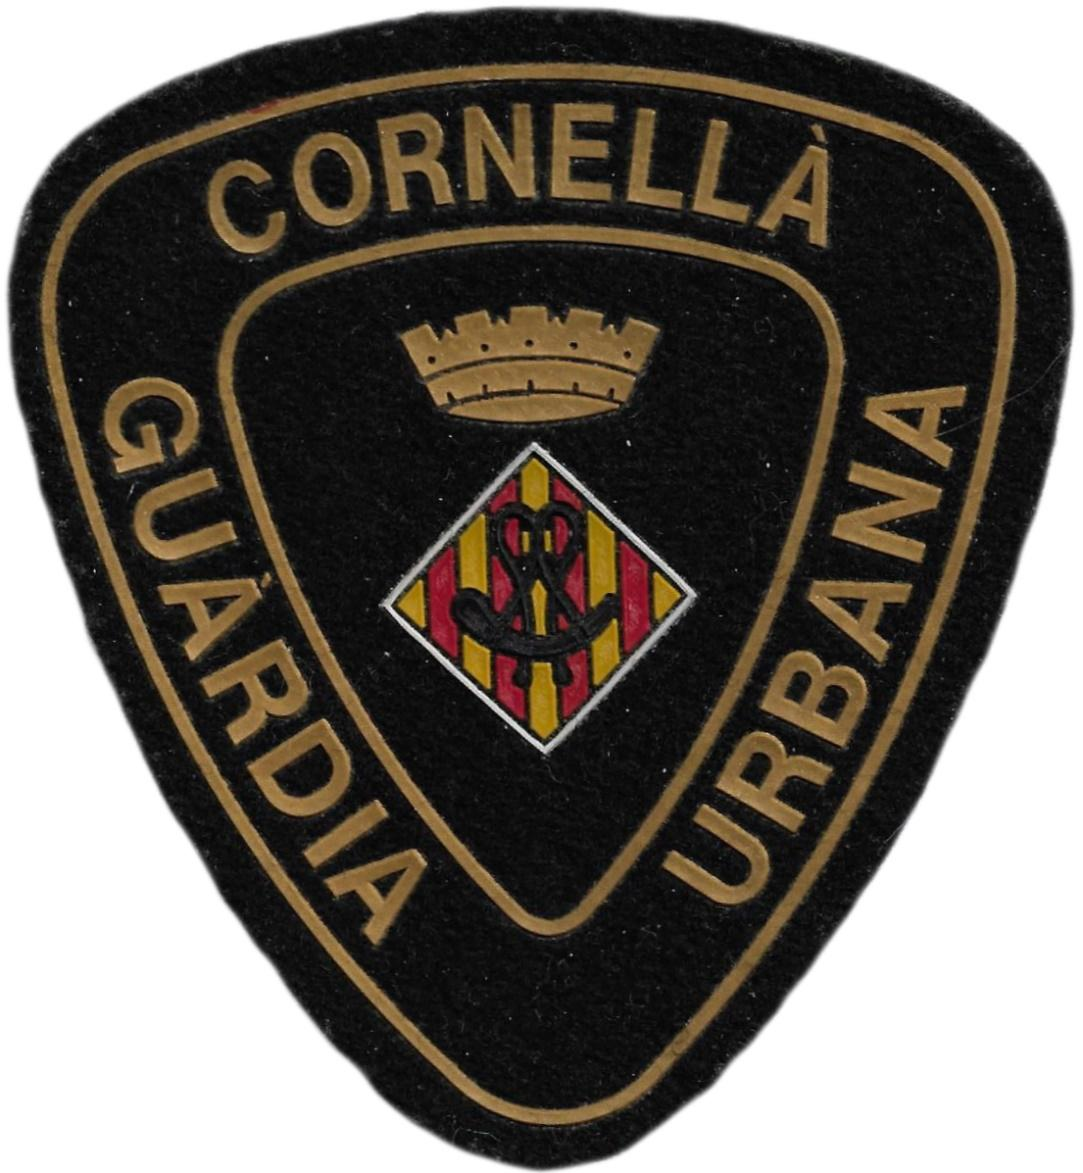 Policía Guardia Urbana de Cornella parche insignia emblema distintivo